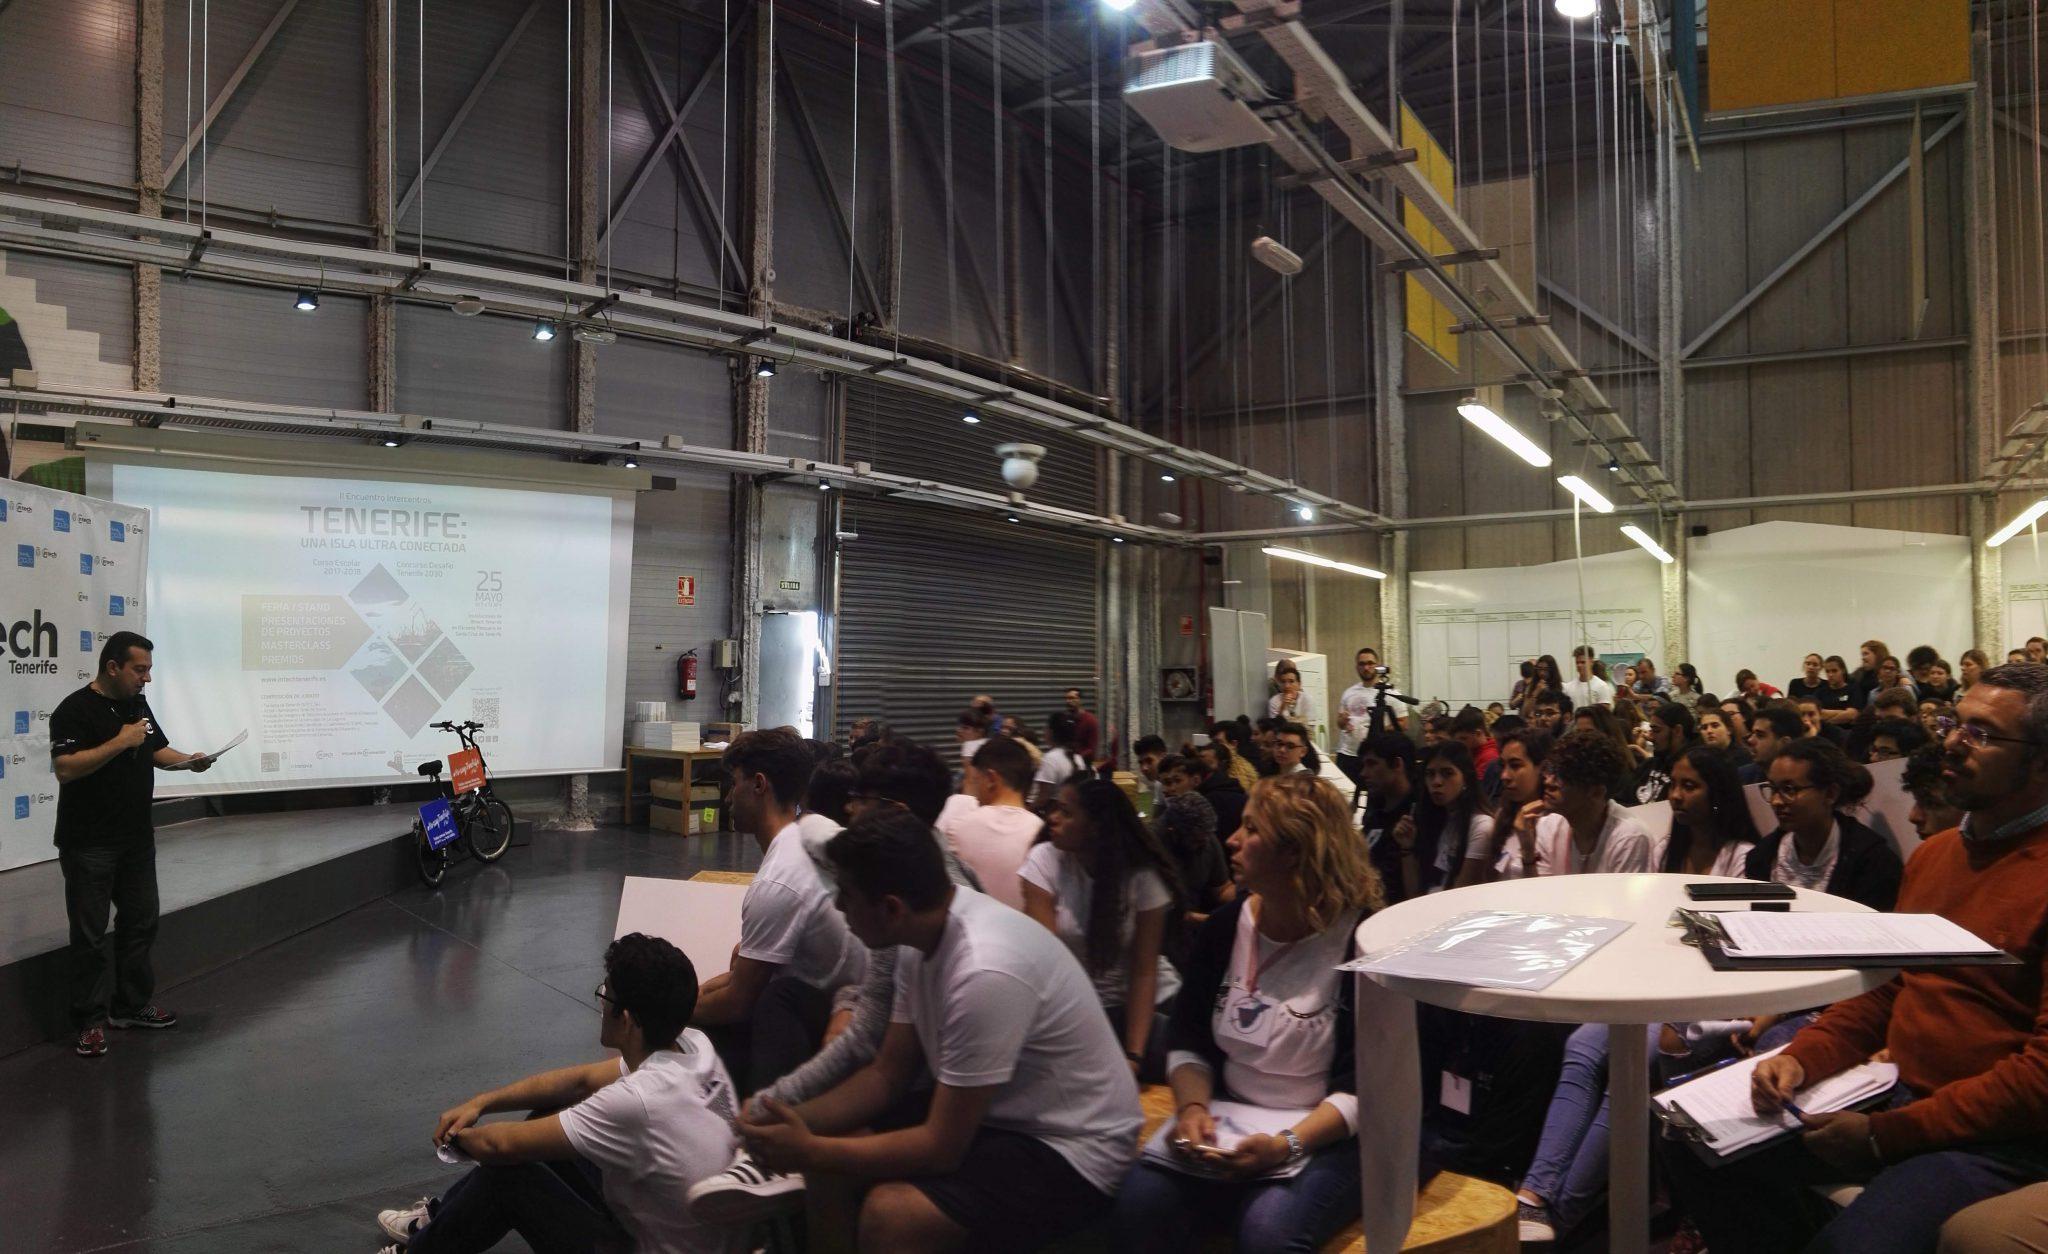 Turismo de tenerife participa en el encuentro 39 tenerife for Oficina de turismo de tenerife